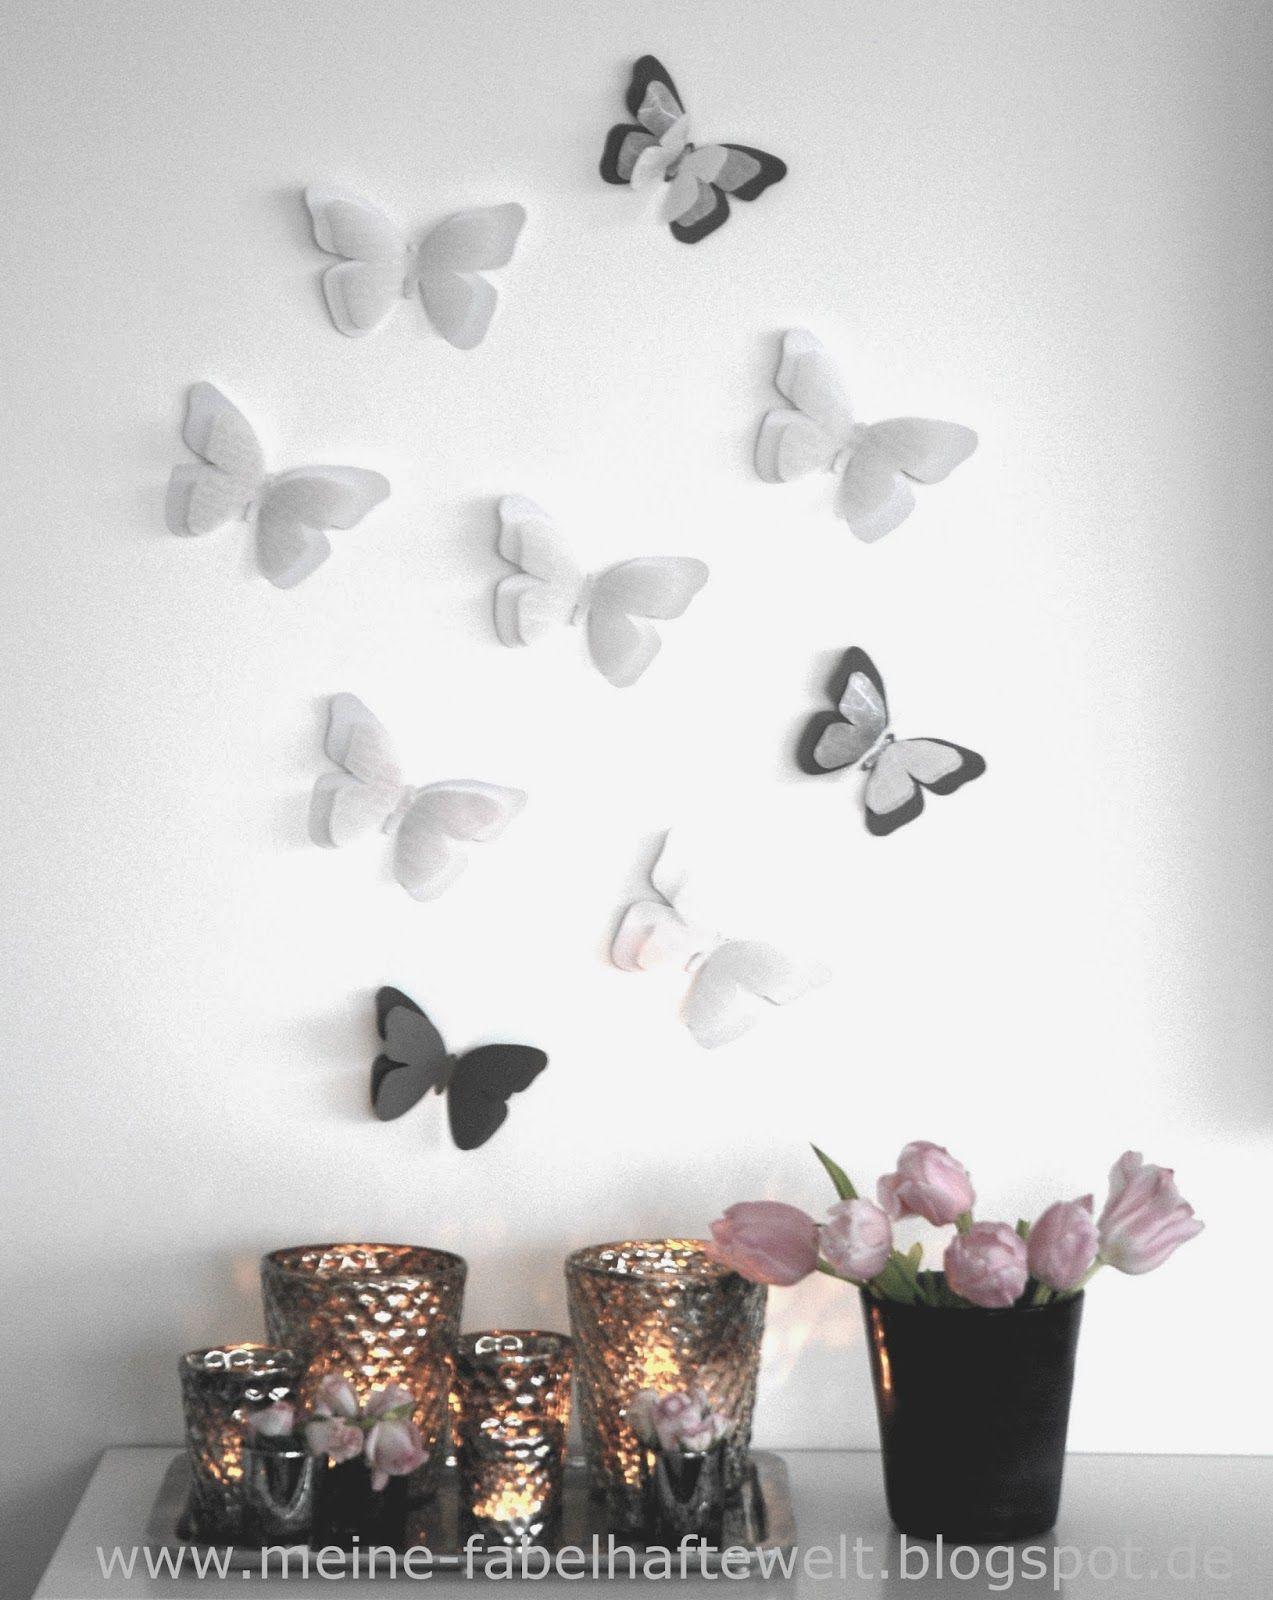 Fruhling Ganz Einfach Schmetterlinge Aus Tonpapier Basteln Meine